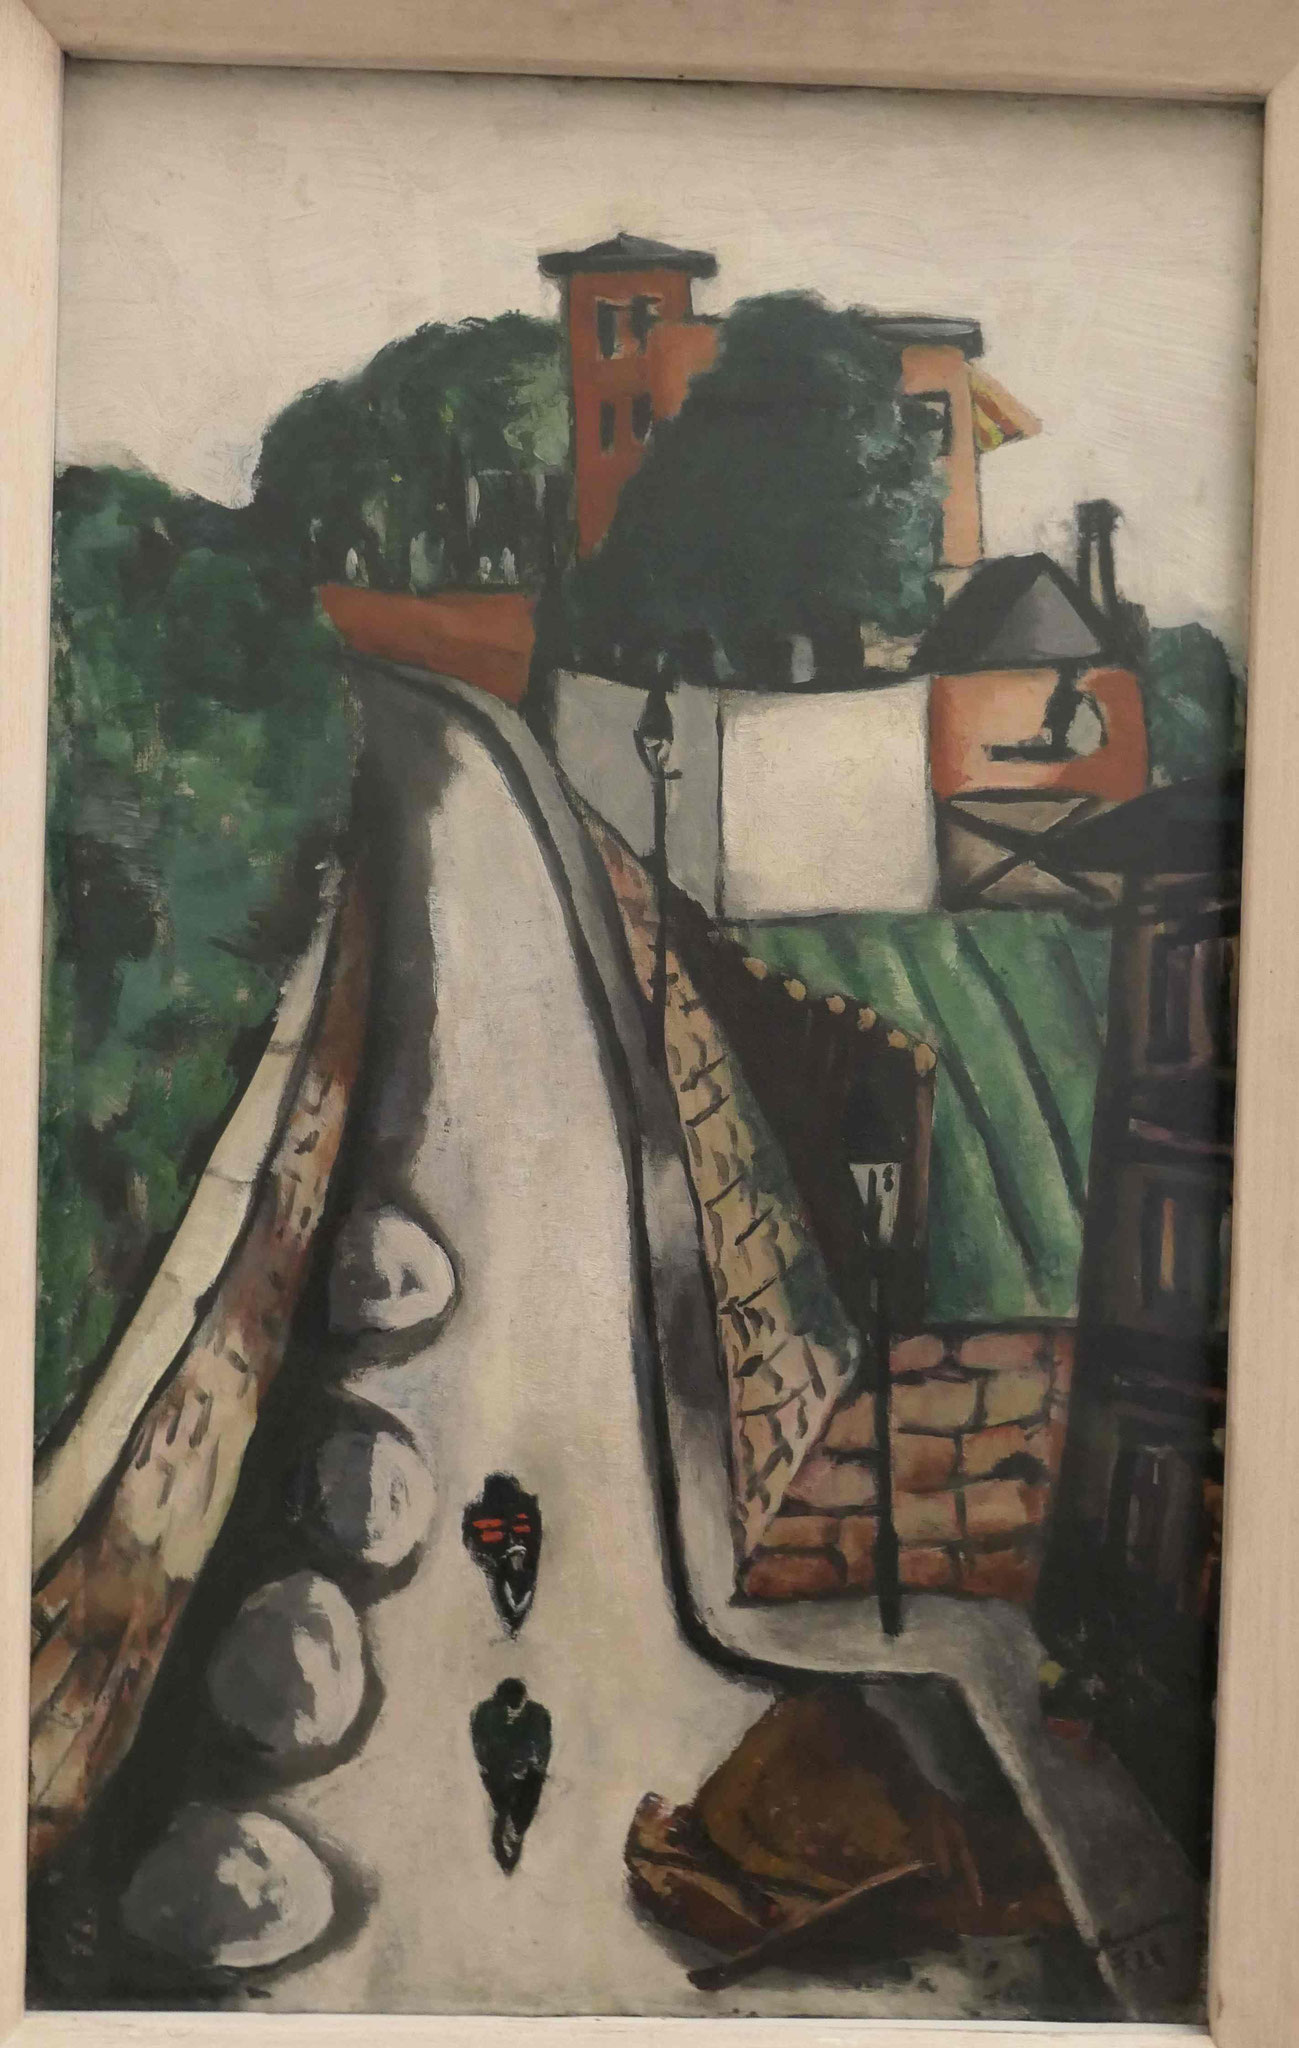 Max Beckmann, Der Wendelsweg in Frankfurt am Main, 1928, Kunsthalle zu Kiel